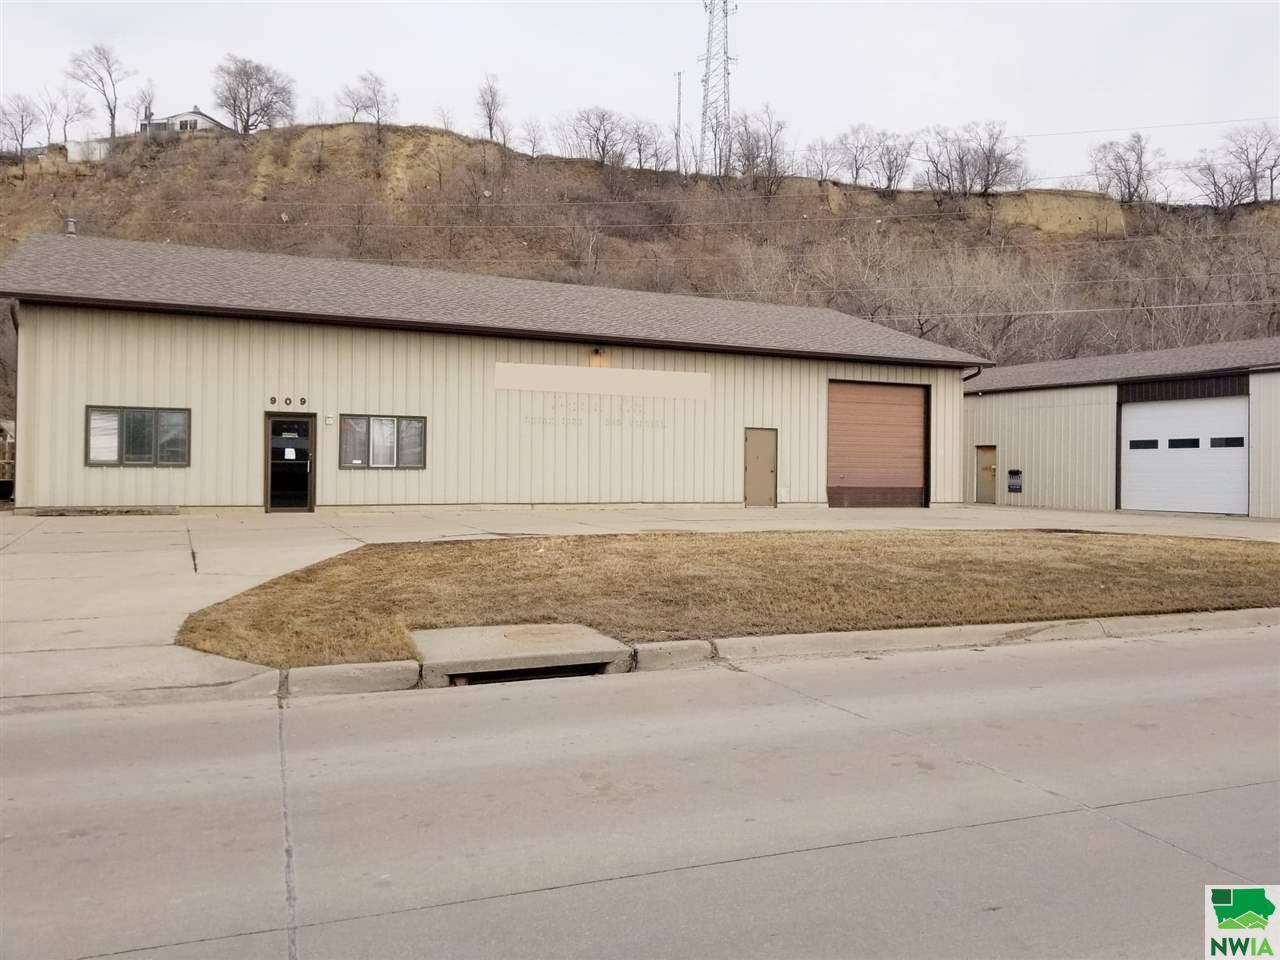 909 Tri View Ave., Sioux City, Iowa 51103